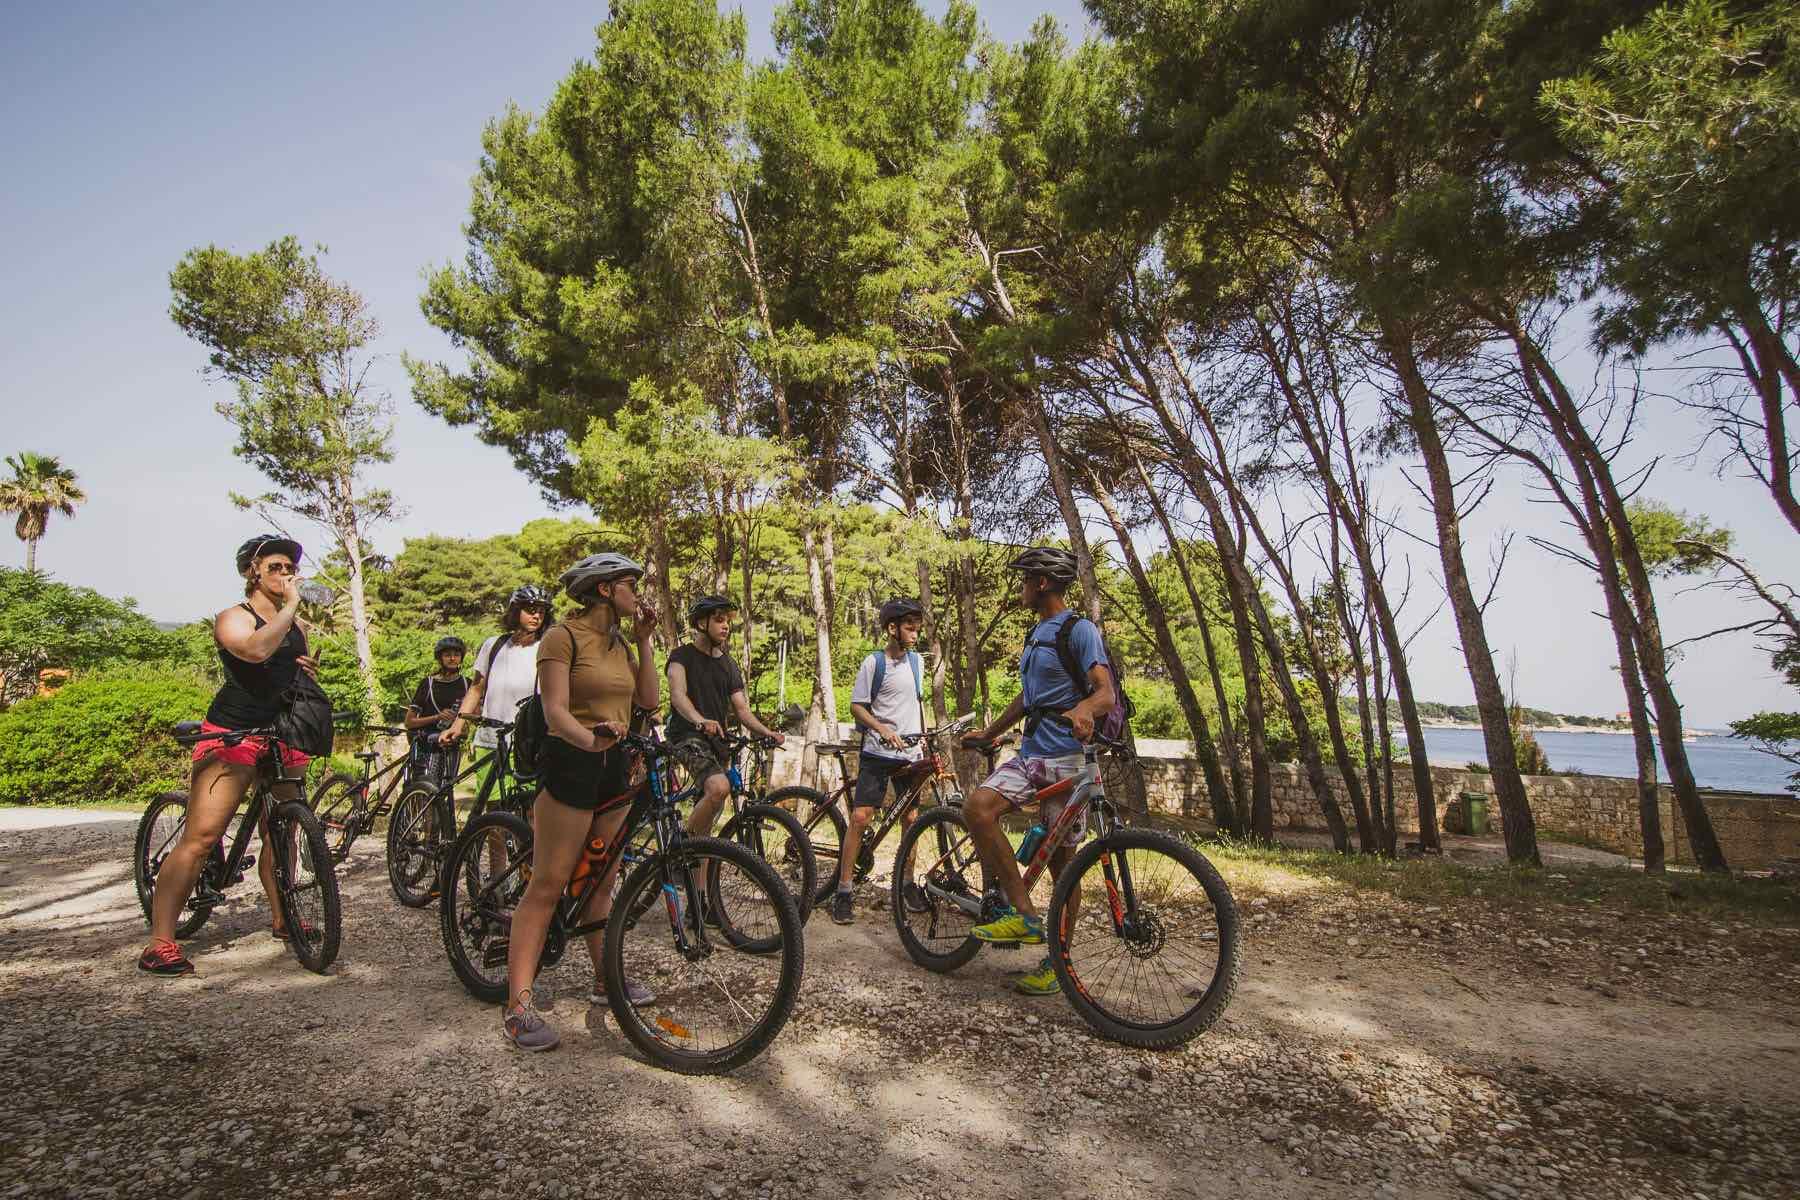 Cycling school trip on Vis island